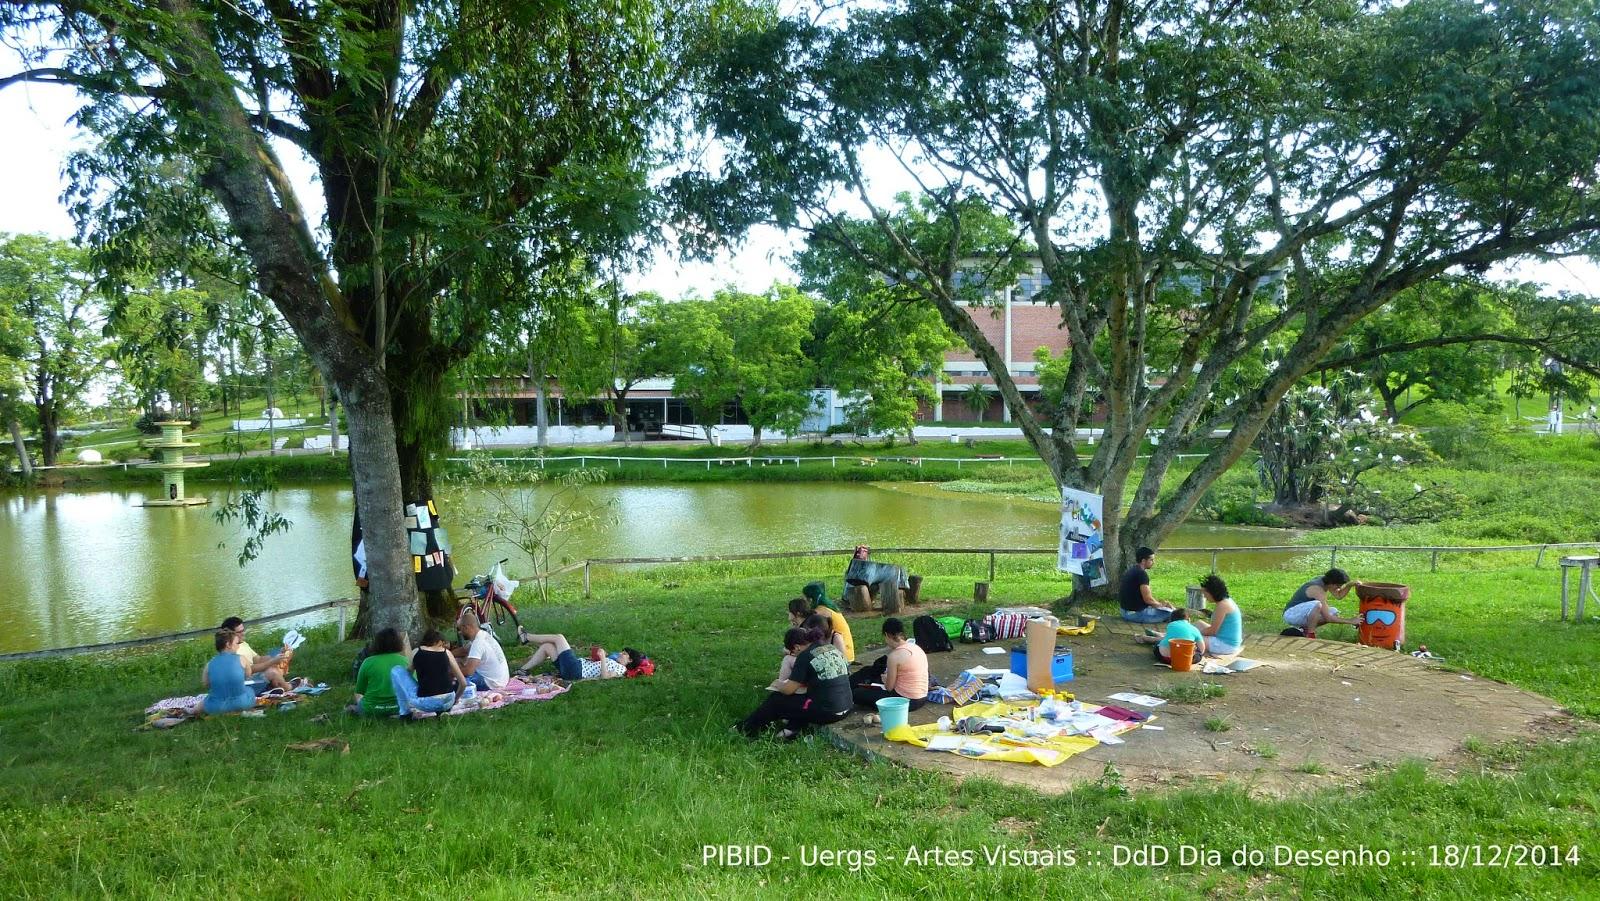 Grupo Pibid-Artes Visuais no DdD, em dez.2014